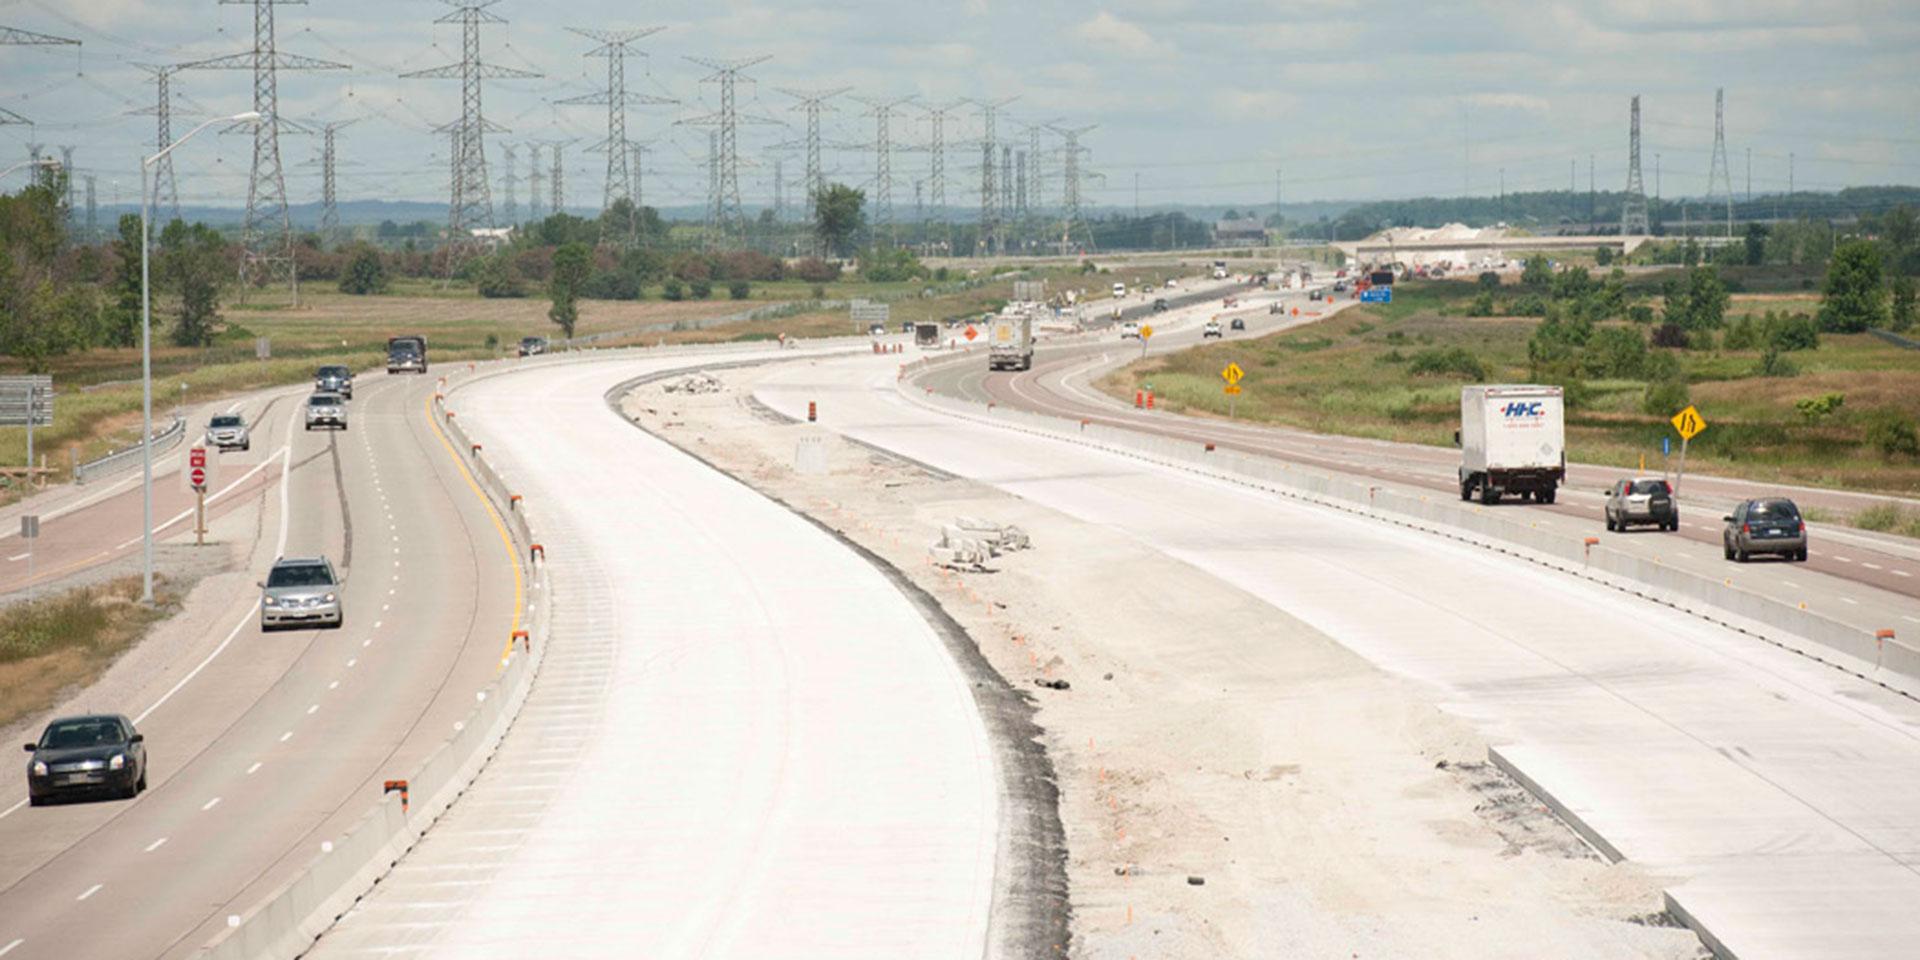 Highway 407 Landscape